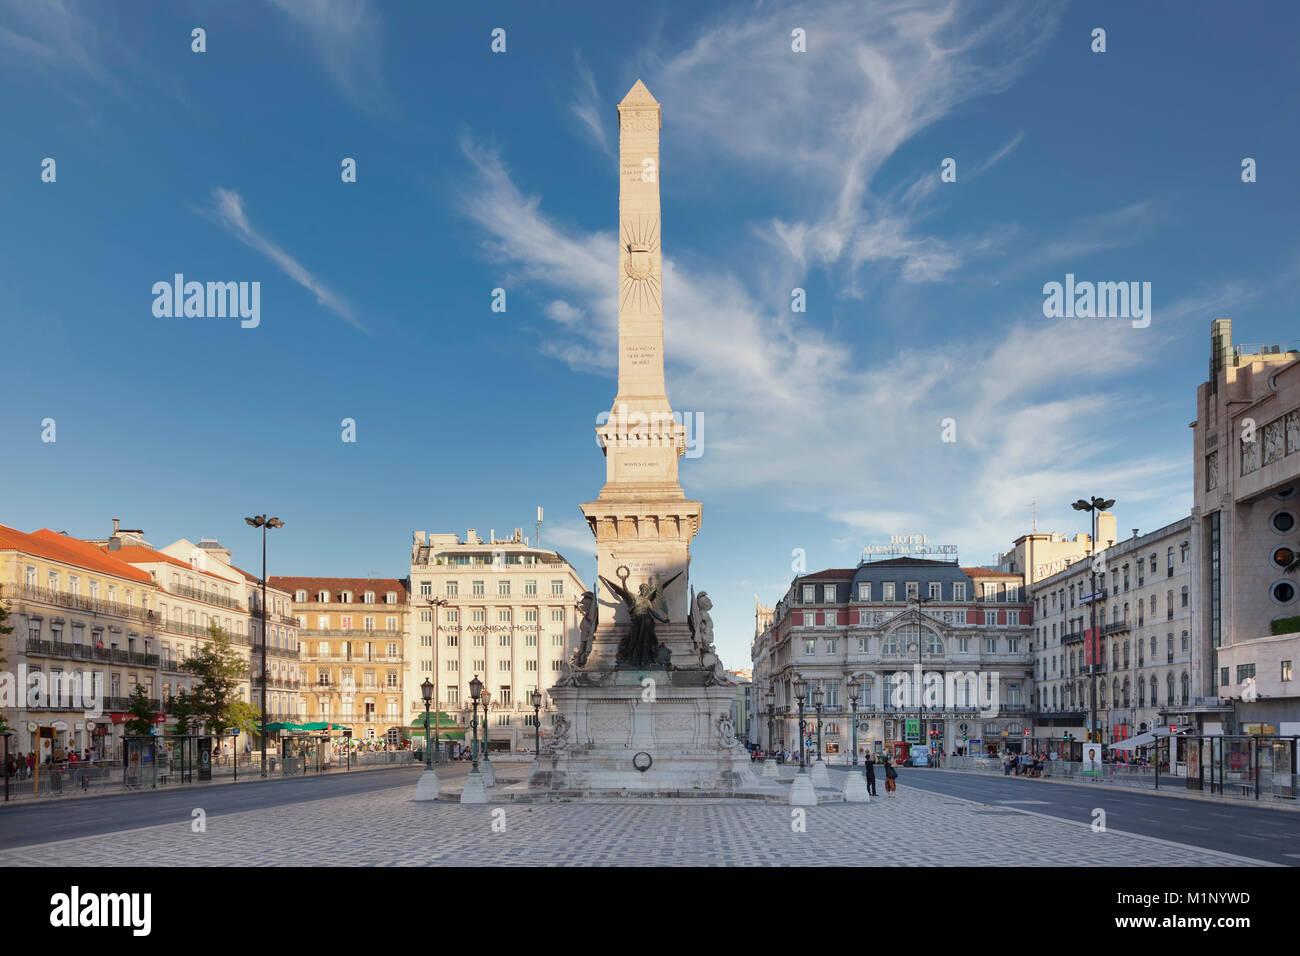 Praca dos Restauradores, Obelisken, der Avenida da Liberdade, Lisbon, Portugal, Europa Stockbild